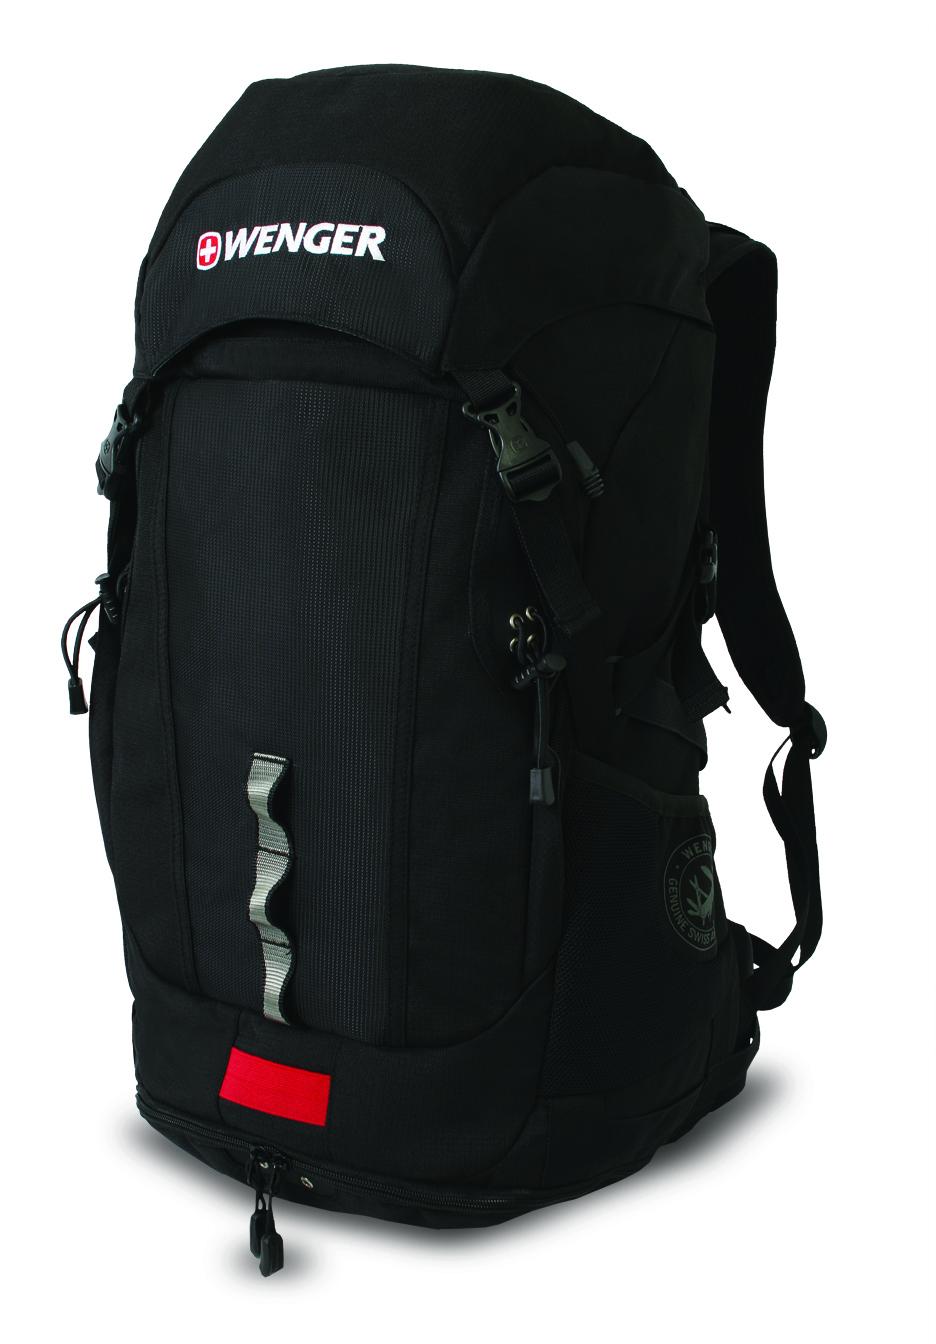 3af4803abd1e Рюкзак спортивный (50 л) WENGER модель 30582299 - купить по выгодной ...